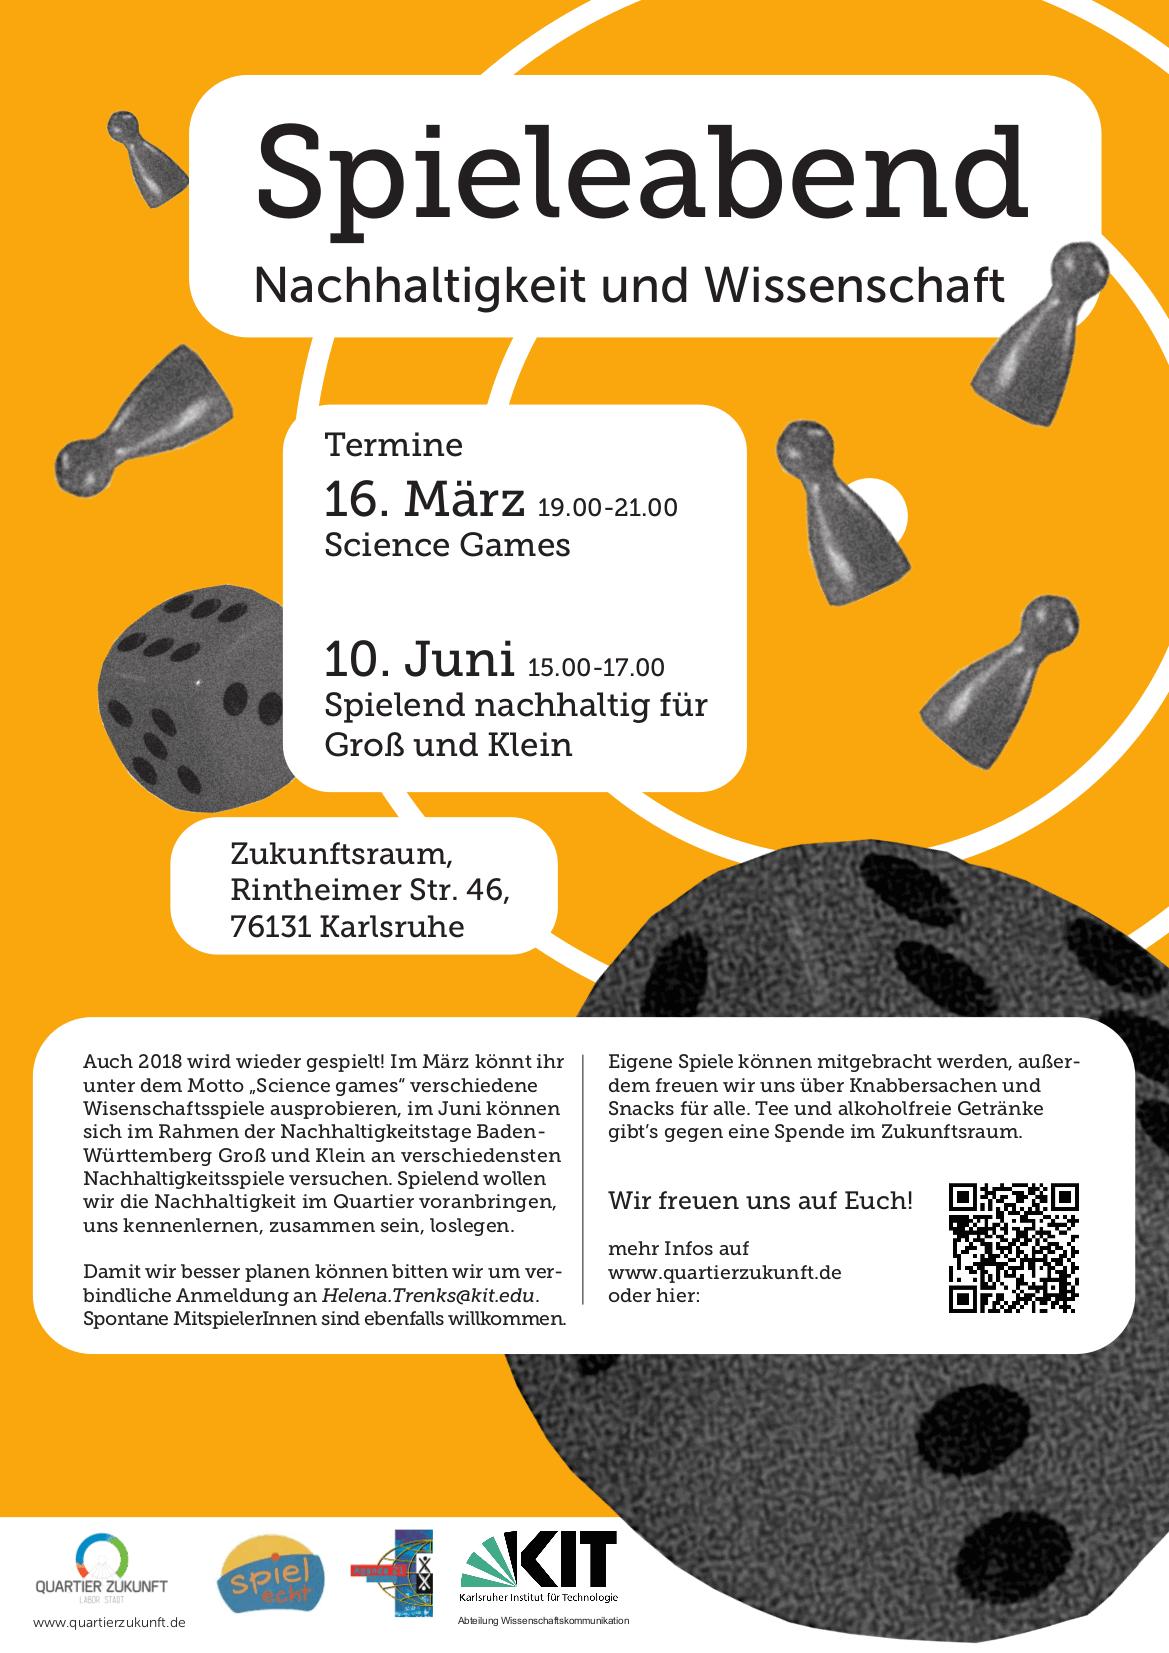 """Spieleabend """"Science Games"""" im Karlsruher Zukunftsraum – spielecht ..."""